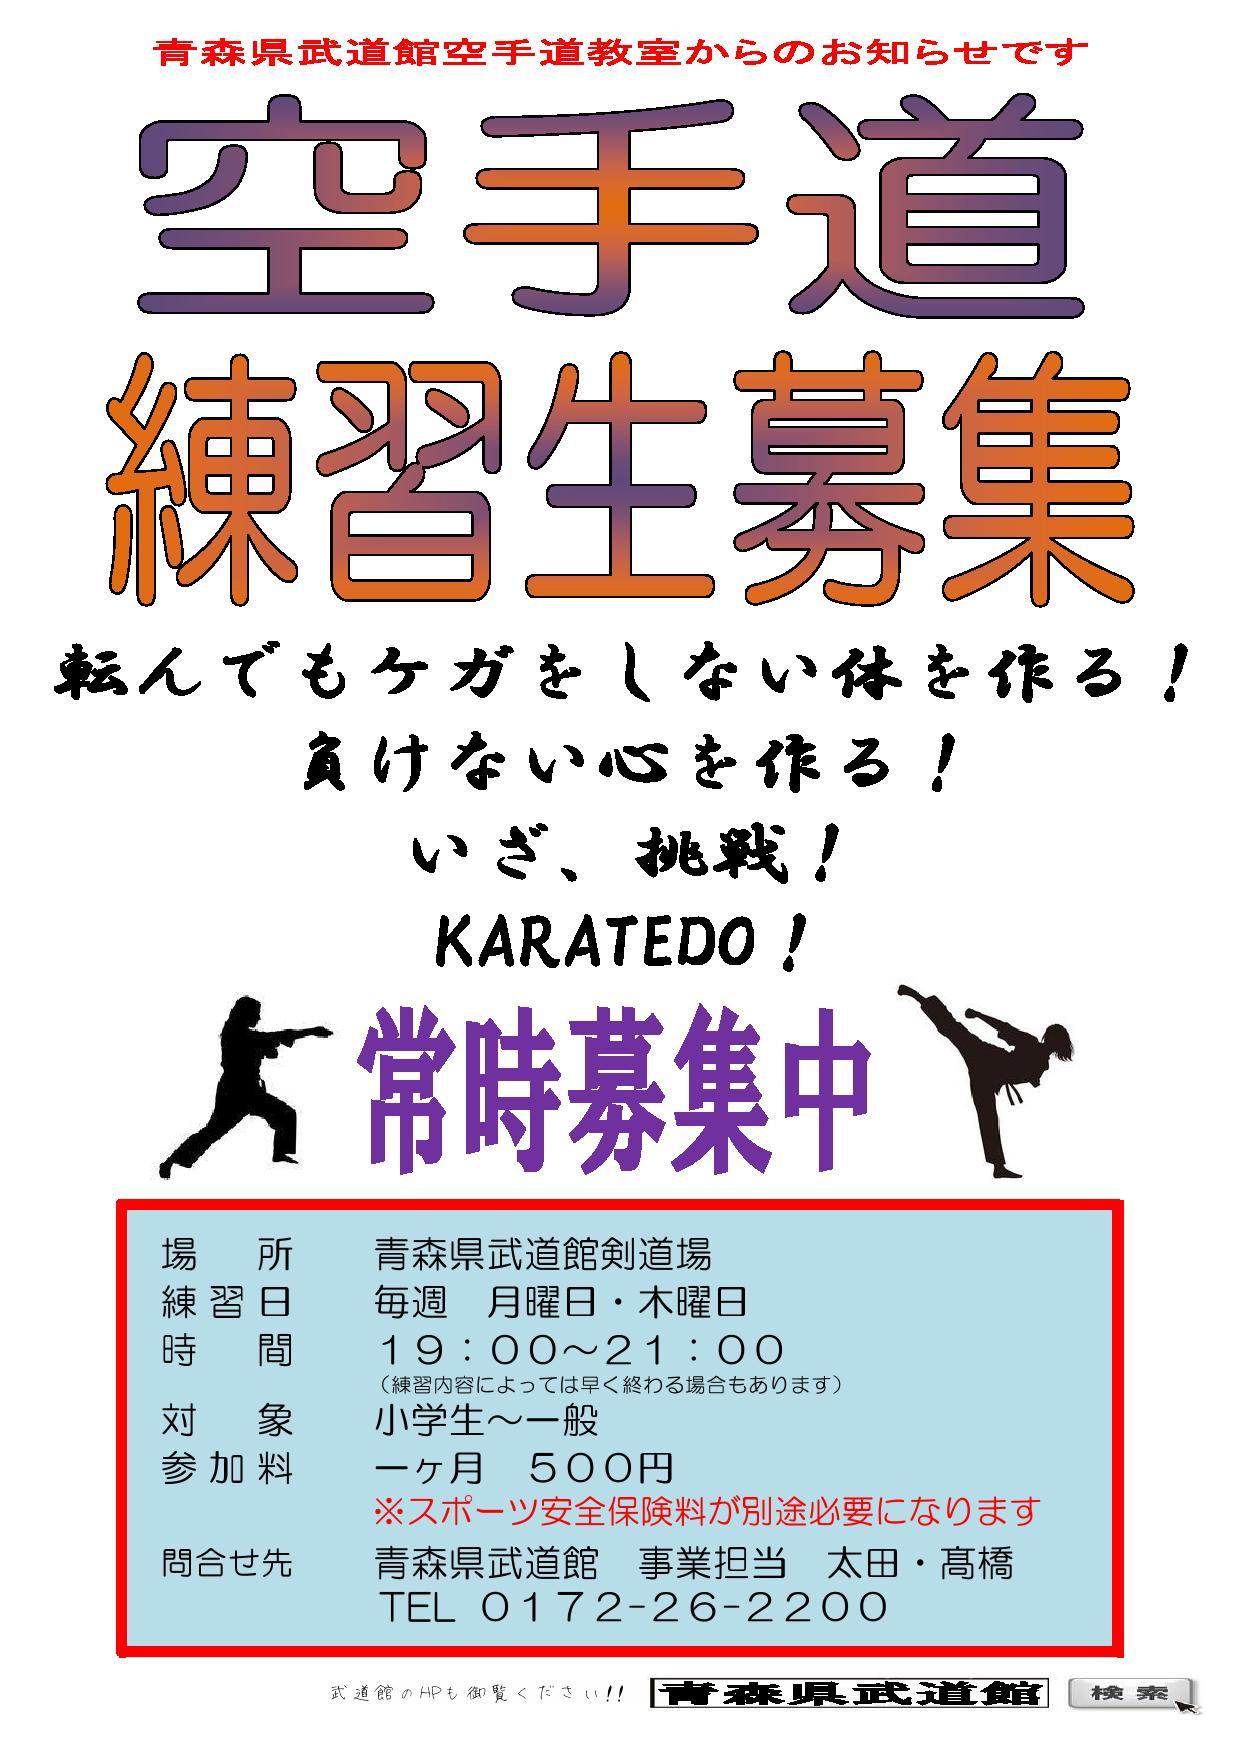 青森県武道館ブログ